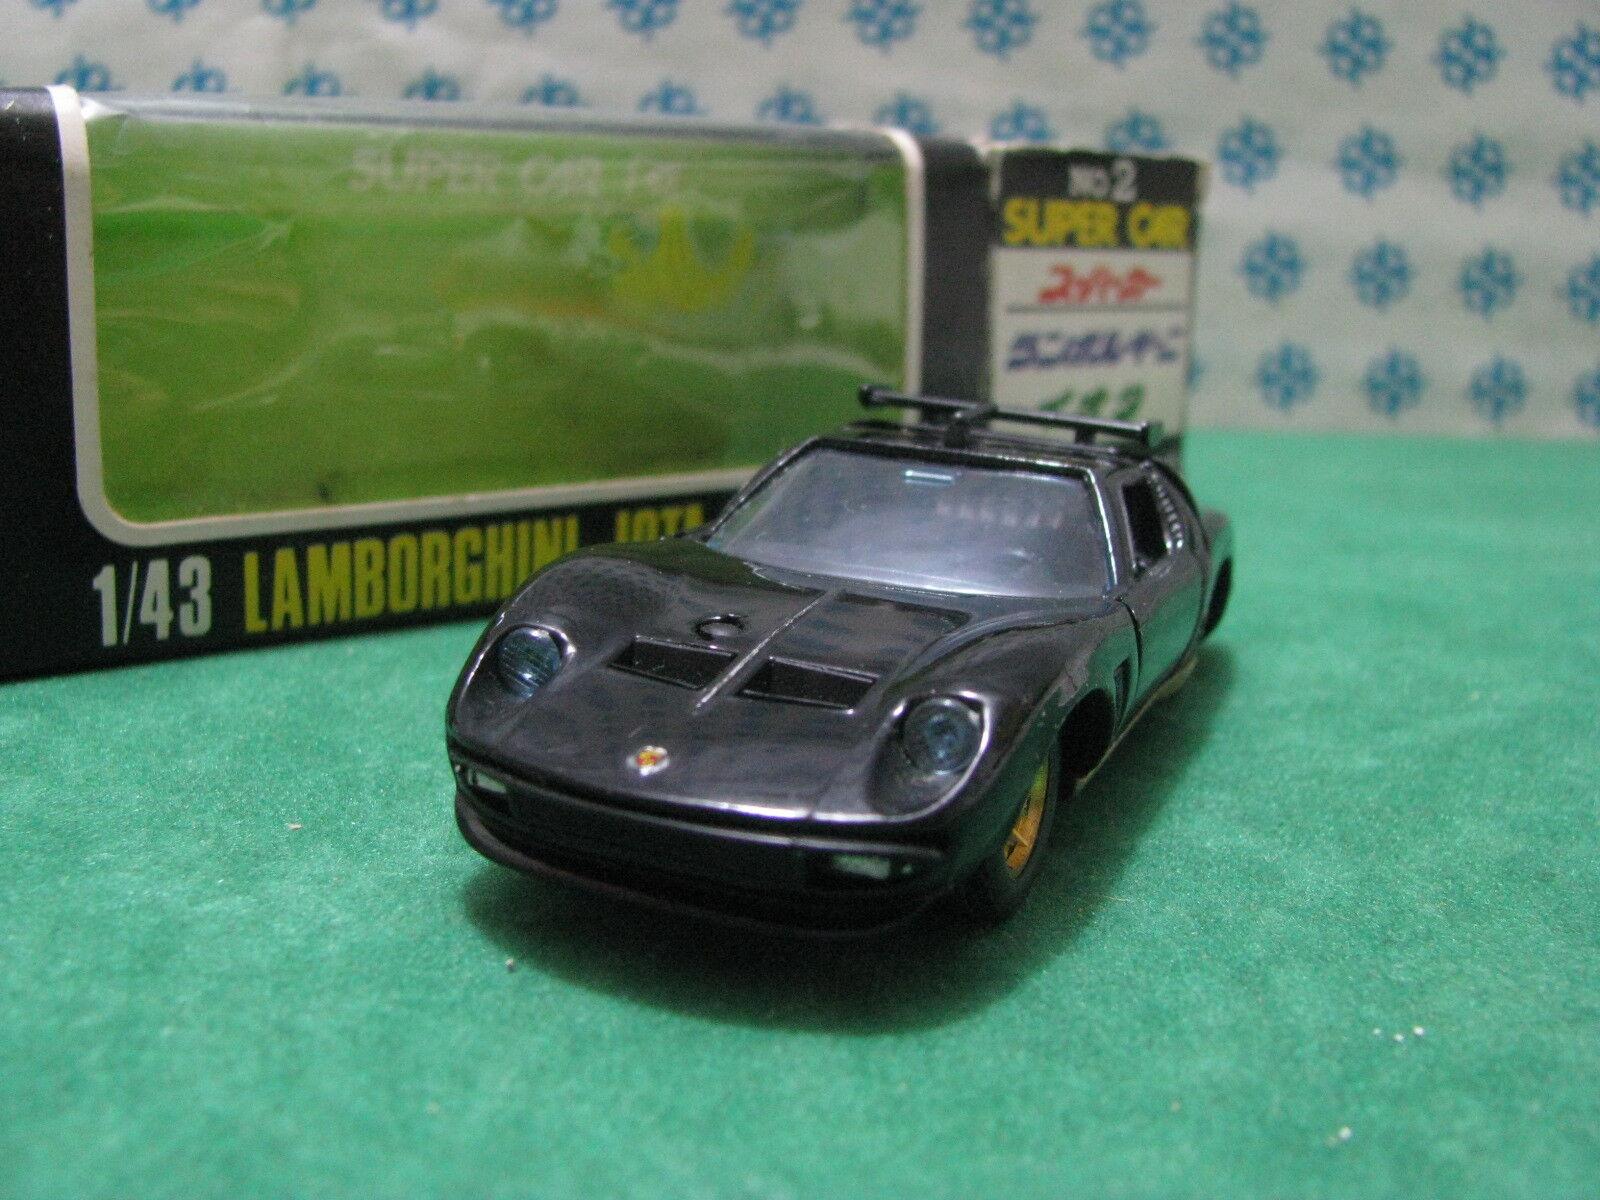 RARE Vintage - LAMBORGHINI JOTA - 1 43 Taito-Ku n 65533;oss 6553302 Superbil